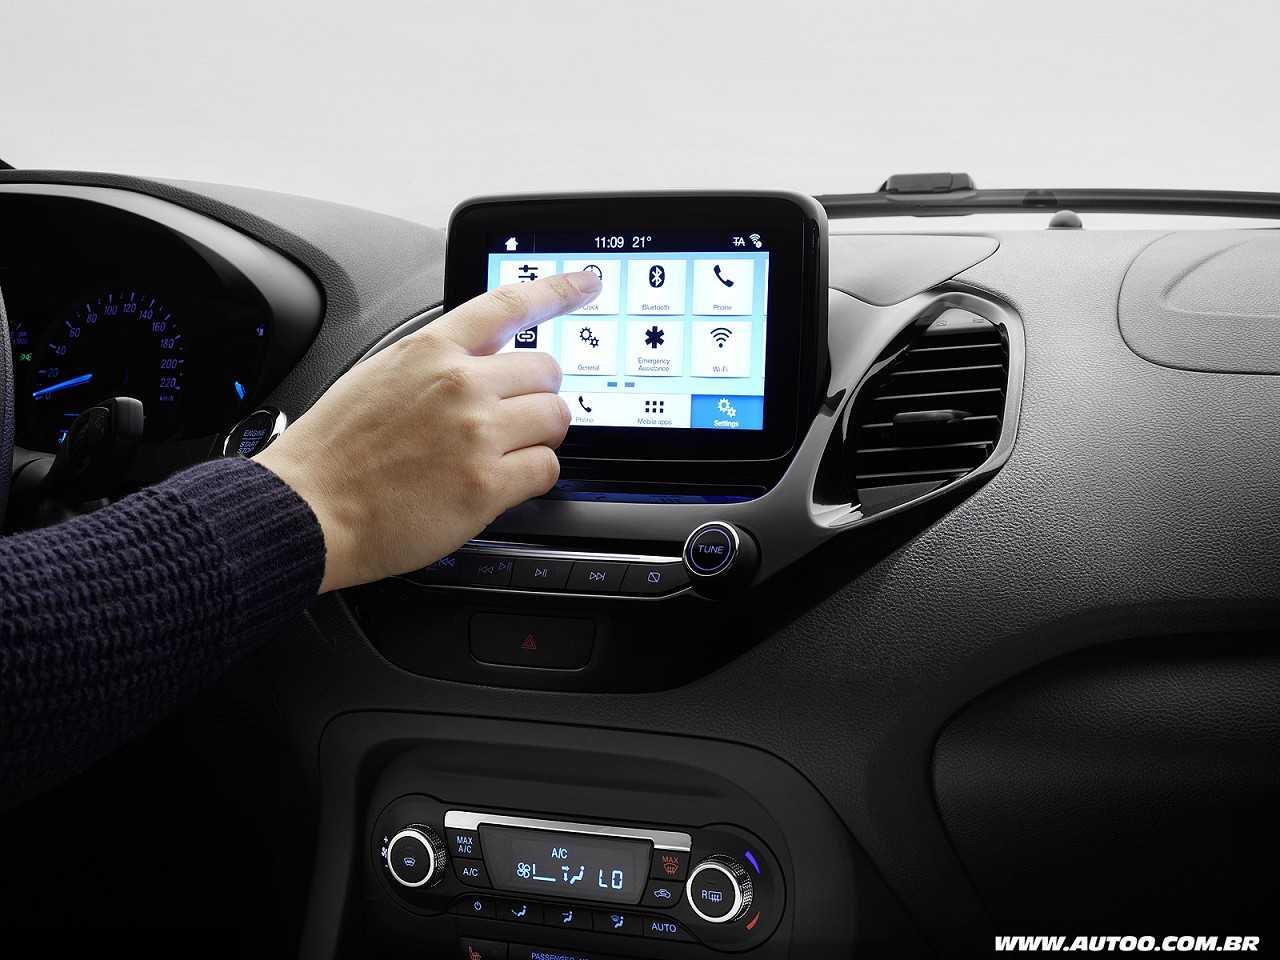 Central multimídia Sync 3 é um dos destaques do facelift do Ford Ka